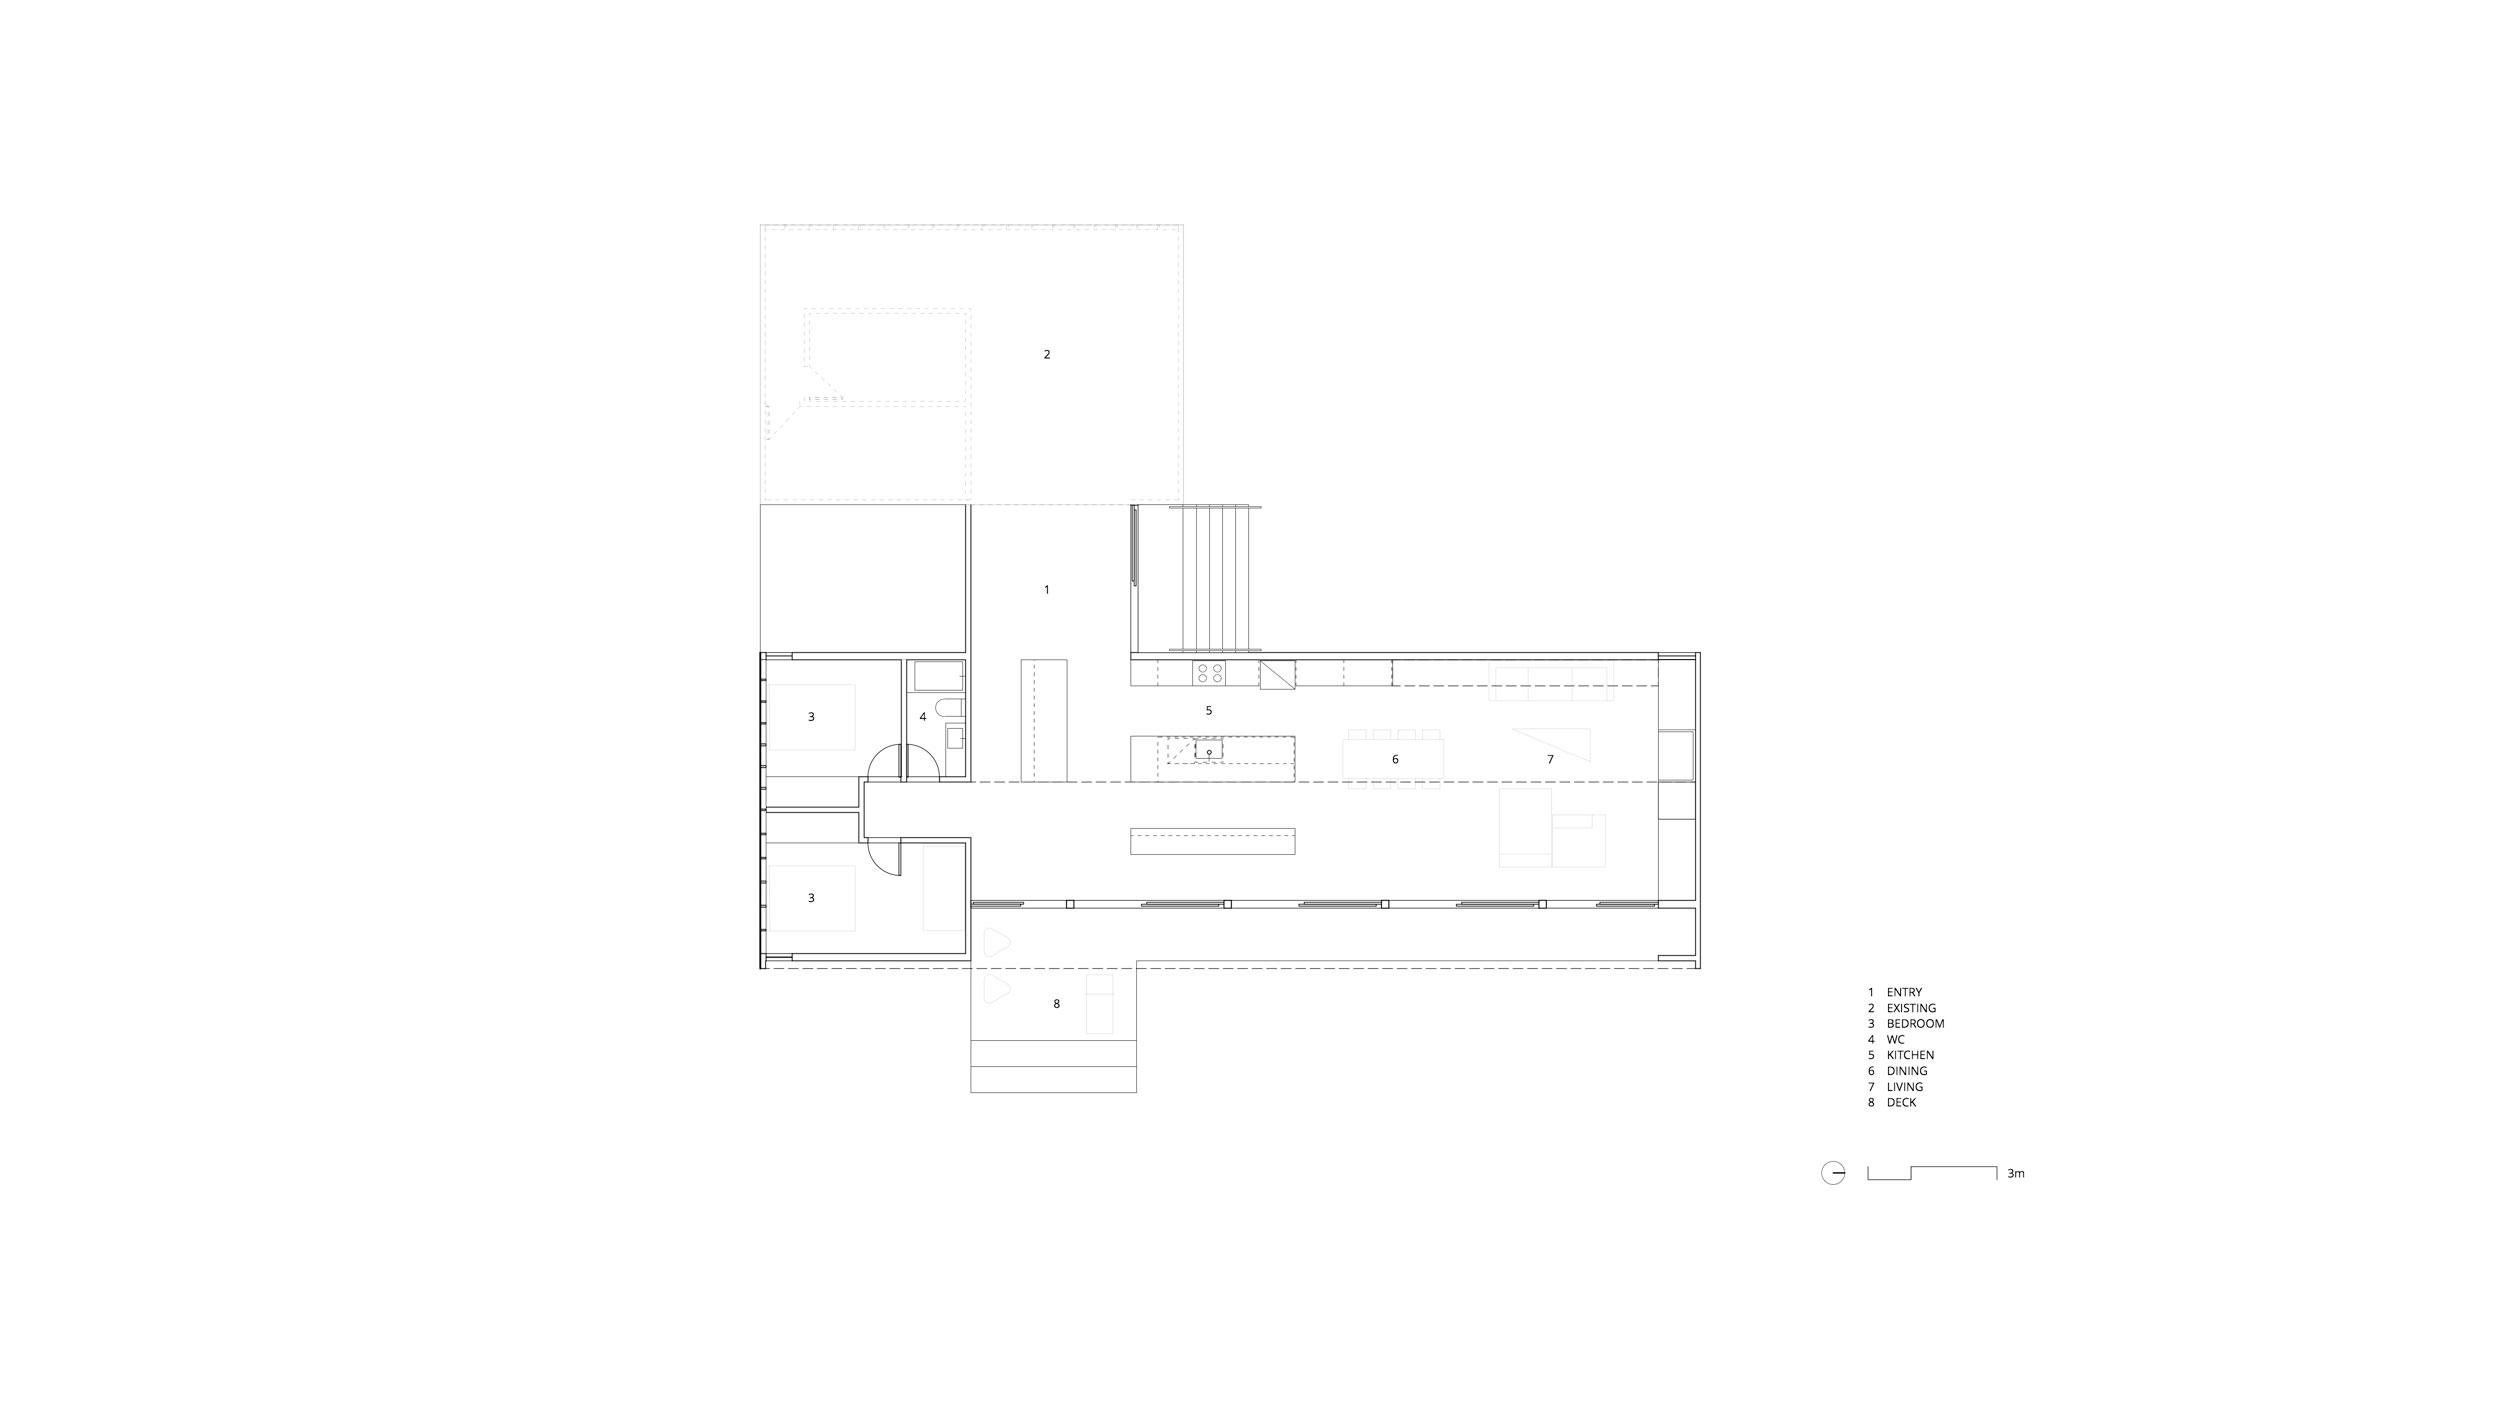 atlrg_littledeer_plan_1.0_12.04.19.jpg